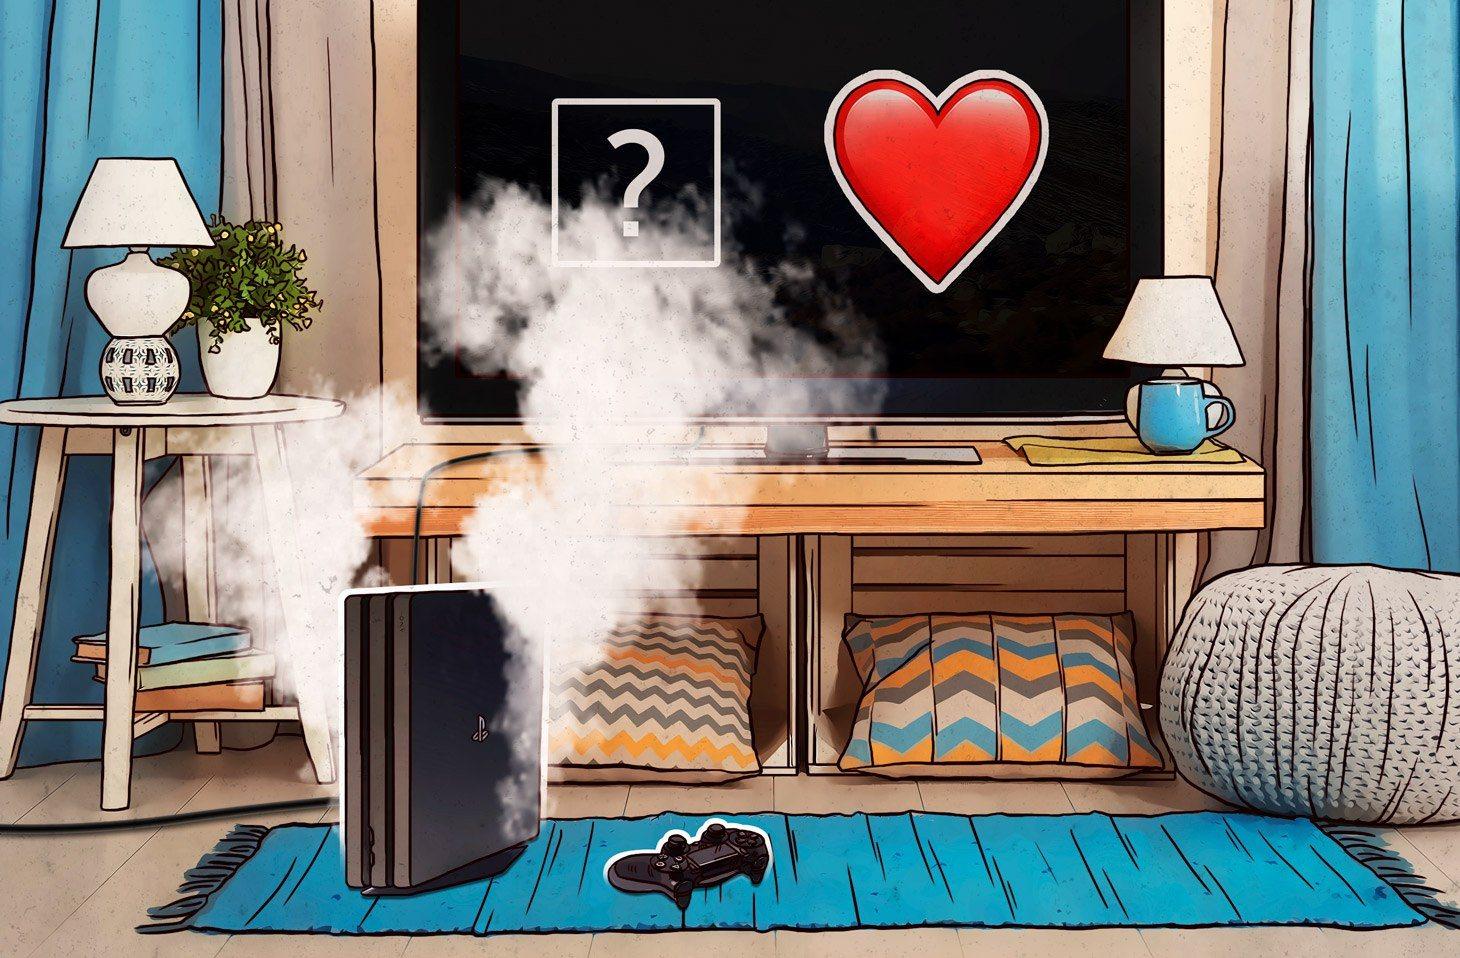 Sony PlayStation 4 e il messaggio killer